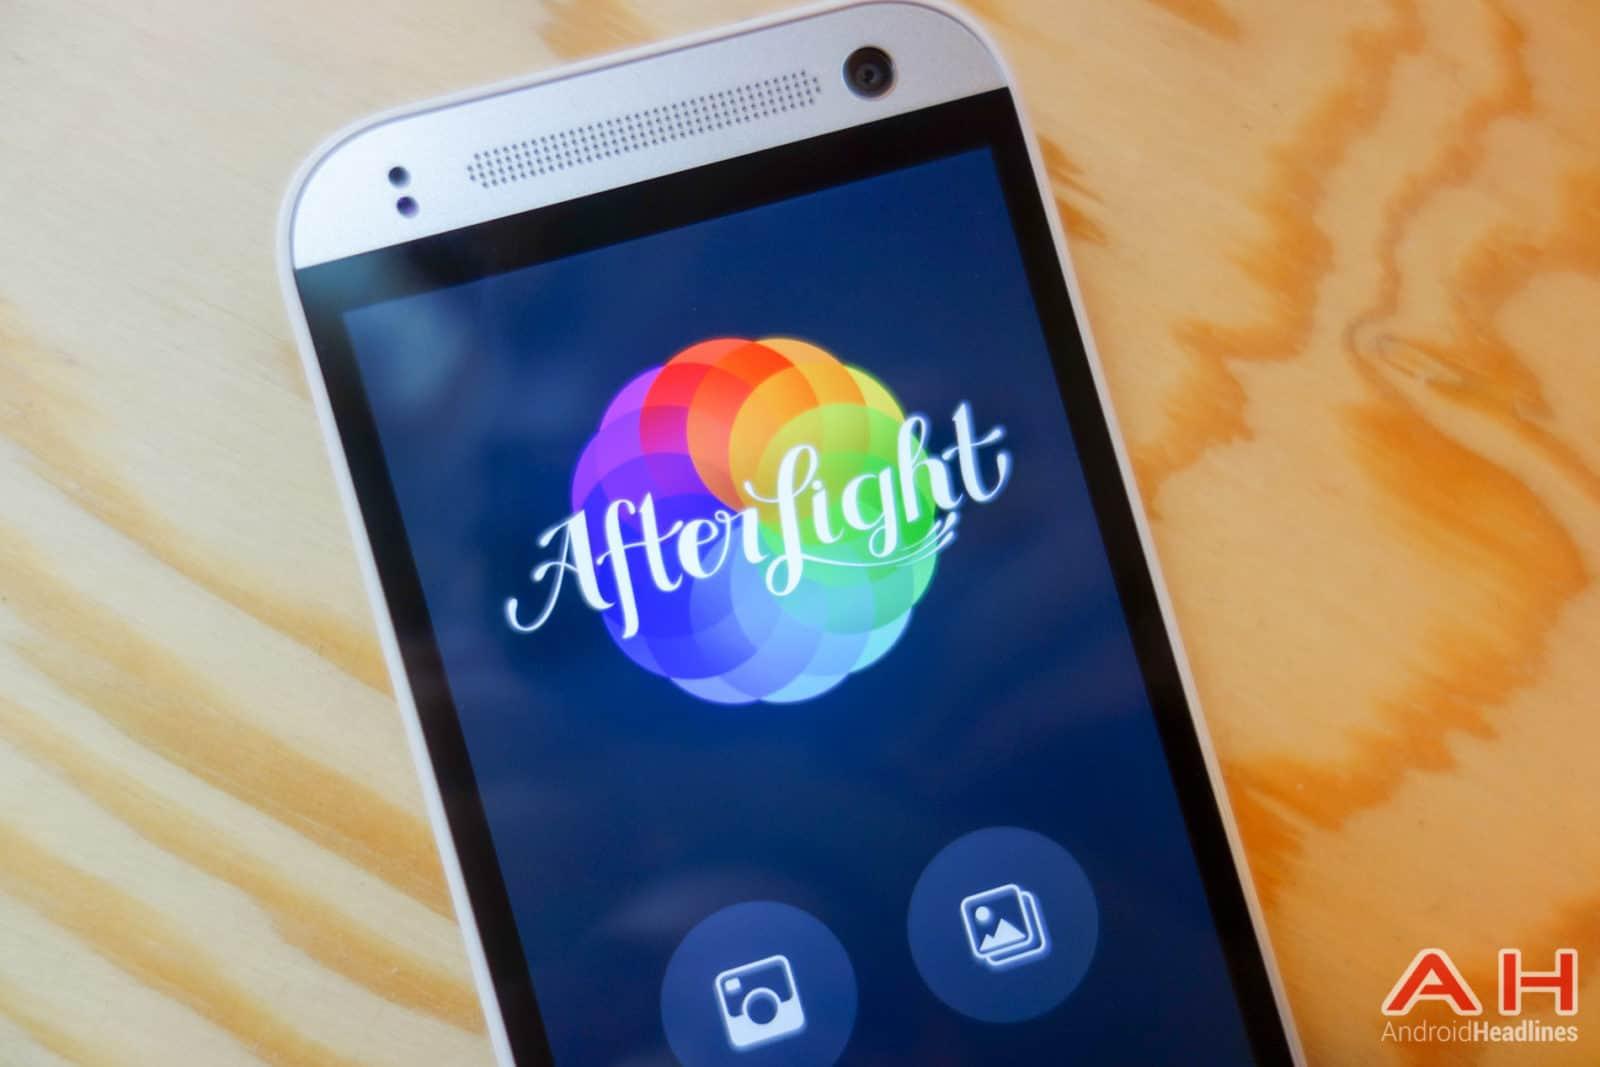 Afterlight-AH-1